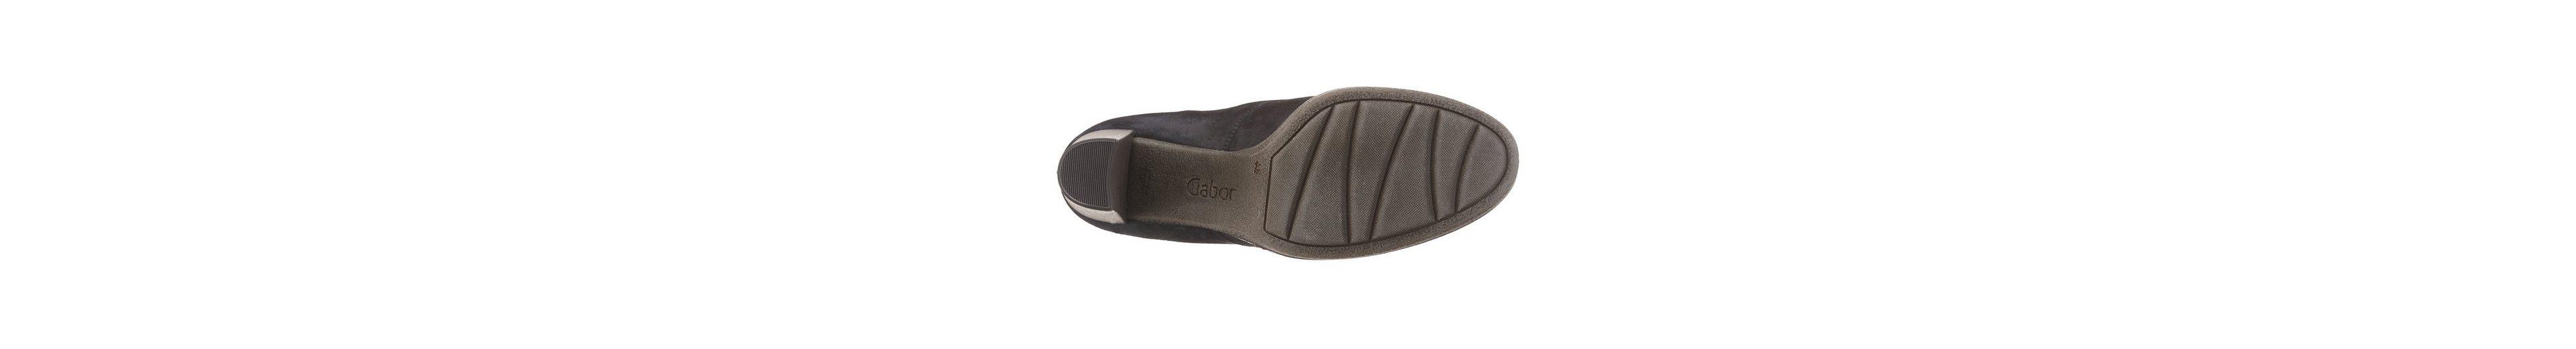 Gabor Ankleboots, im klassischen Design